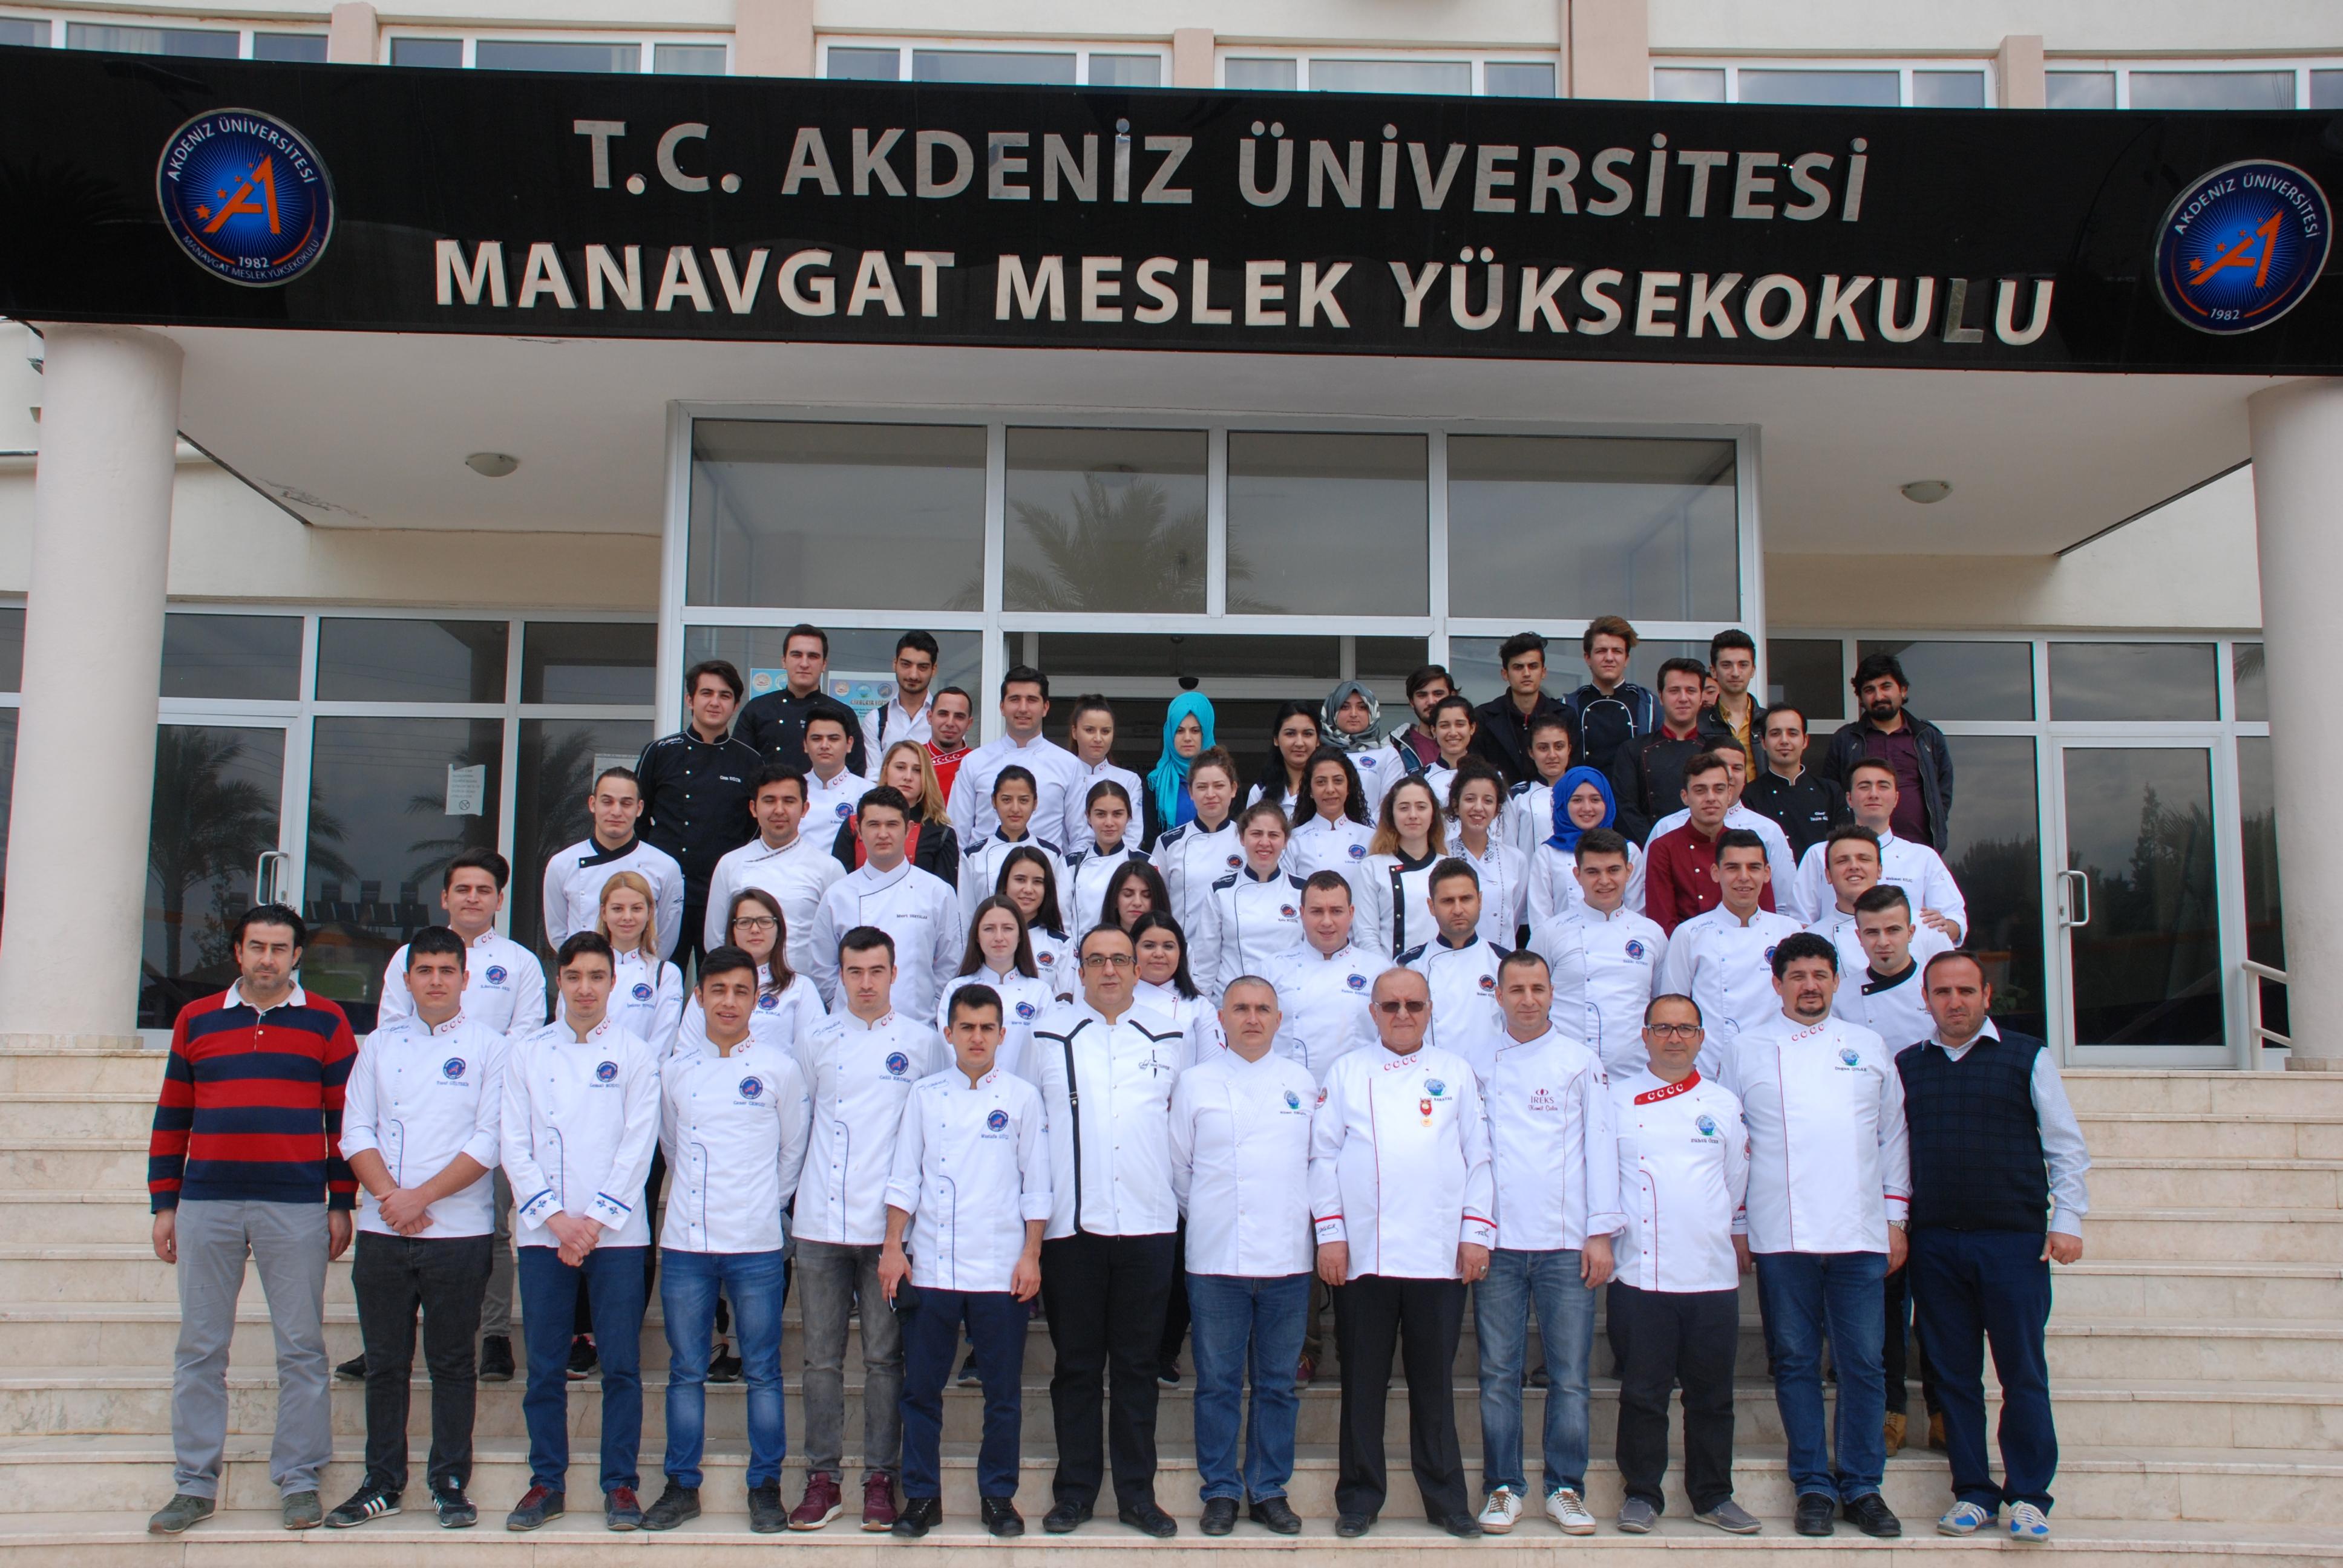 Manavgat Aşçılar Derneği işbirliği ile Akdeniz Üniversitesi Myo Yüksekokul Çikolata Eğitimi